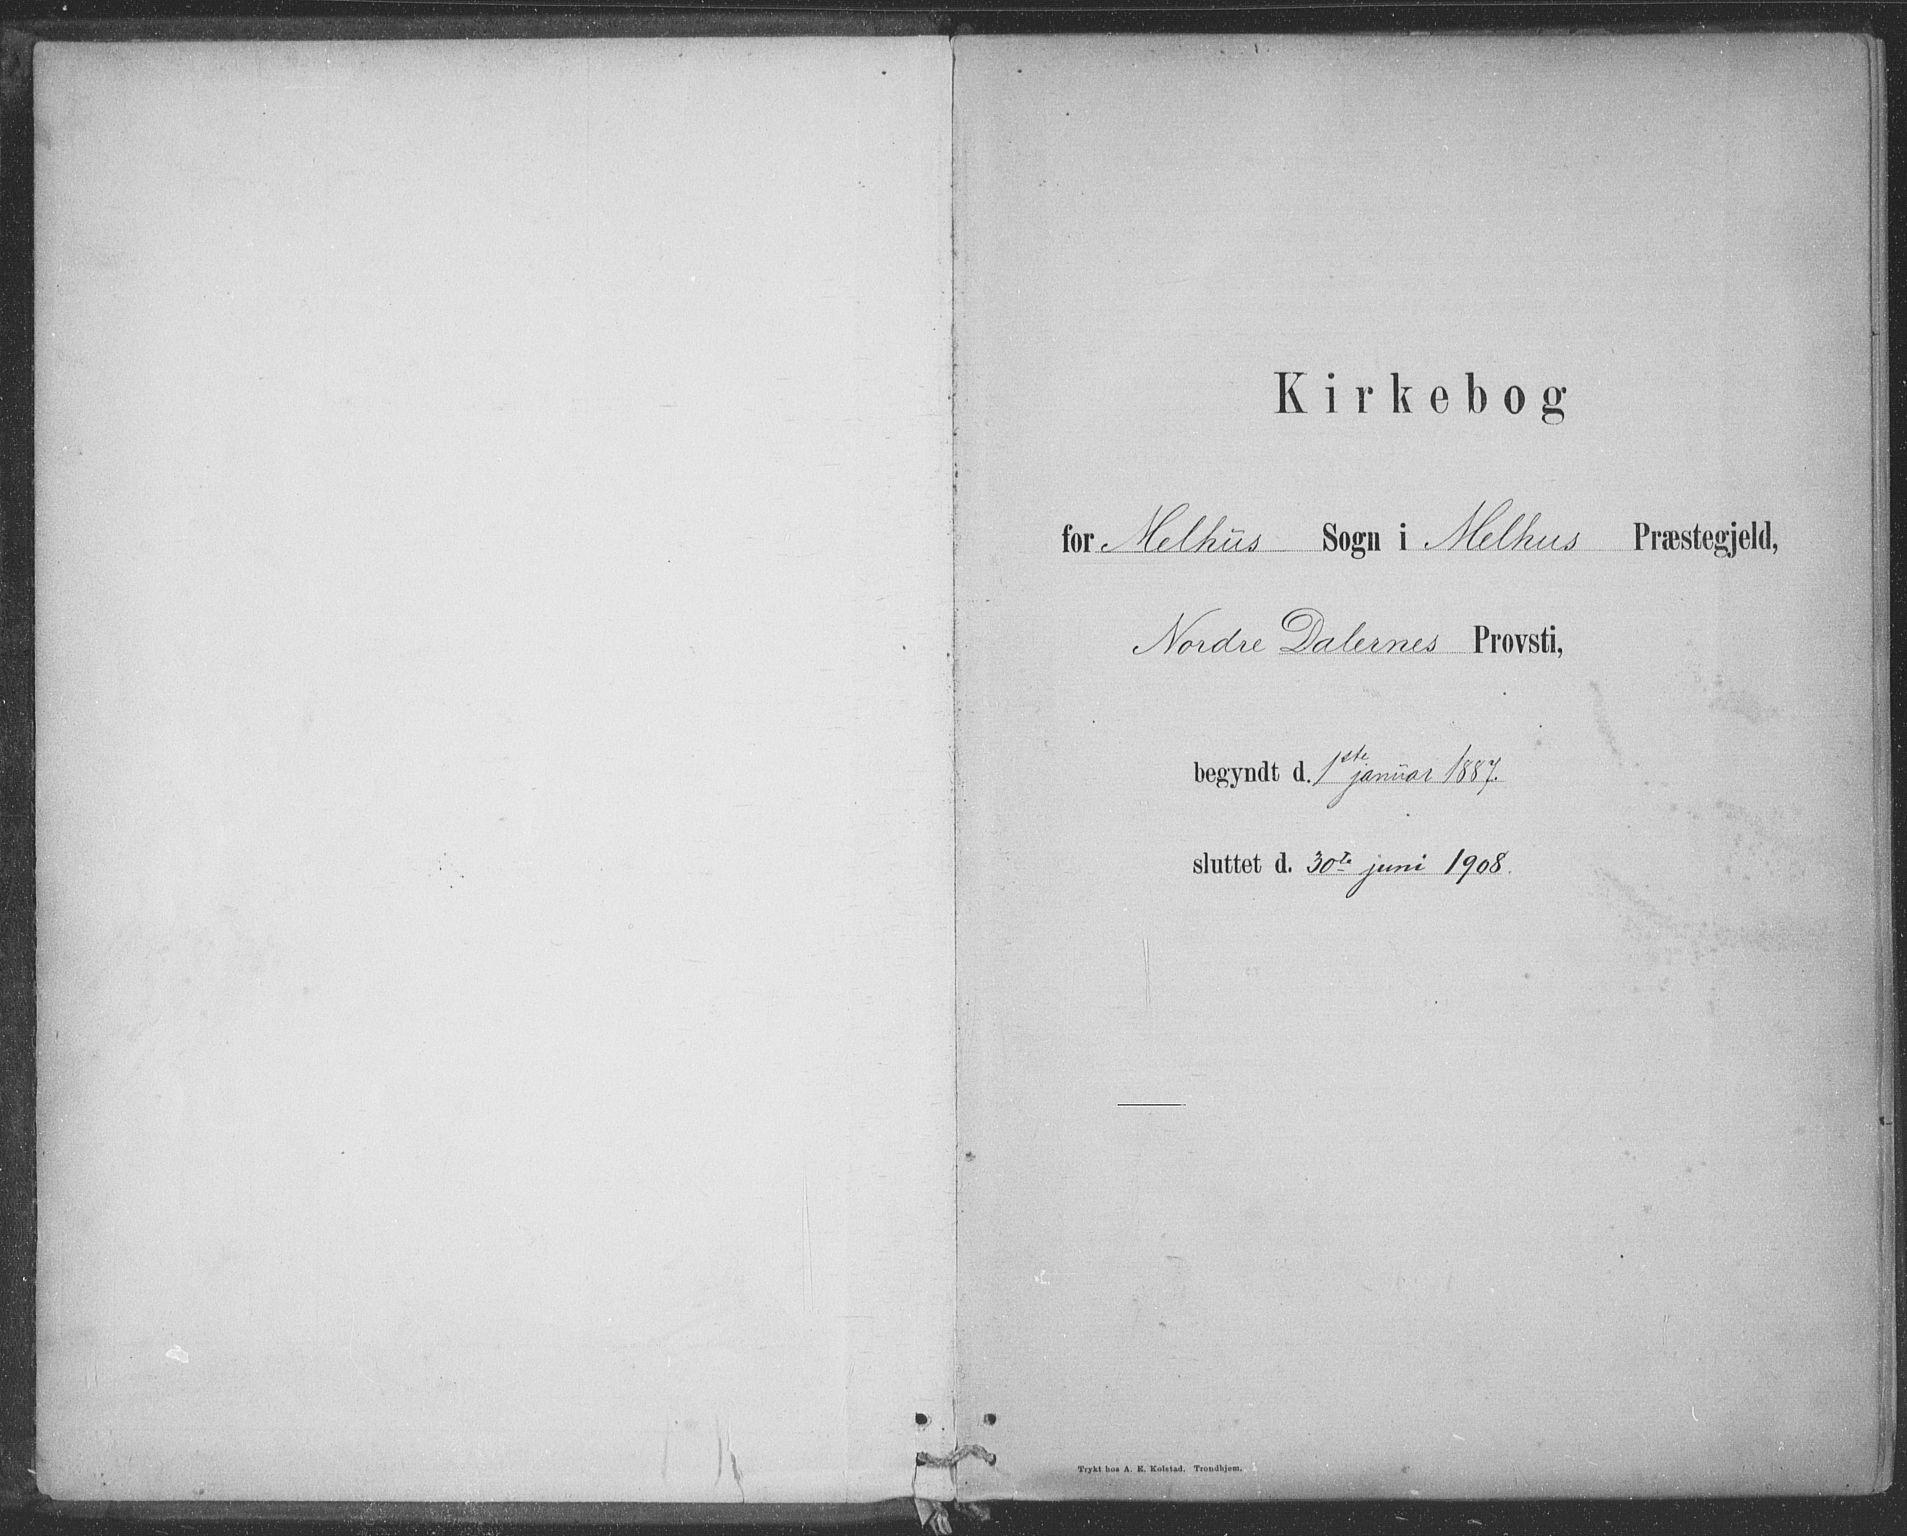 SAT, Ministerialprotokoller, klokkerbøker og fødselsregistre - Sør-Trøndelag, 691/L1085: Ministerialbok nr. 691A17, 1887-1908